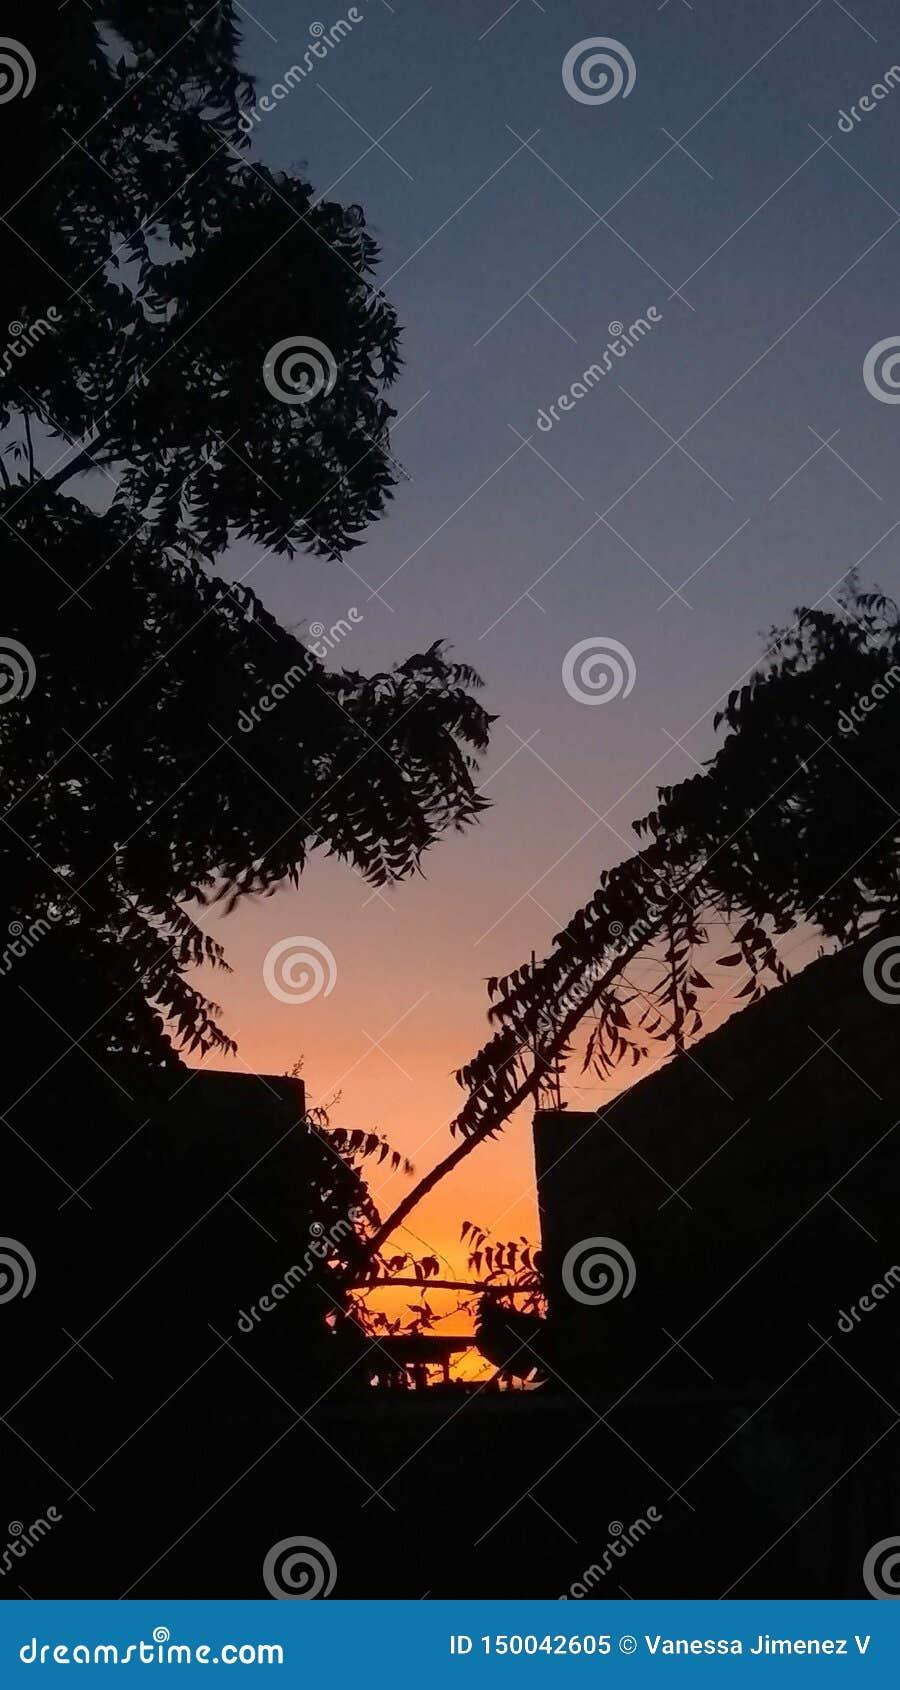 Καταπληκτικό πορτοκάλι ηλιοβασιλέματος στις μπλε κλίσεις